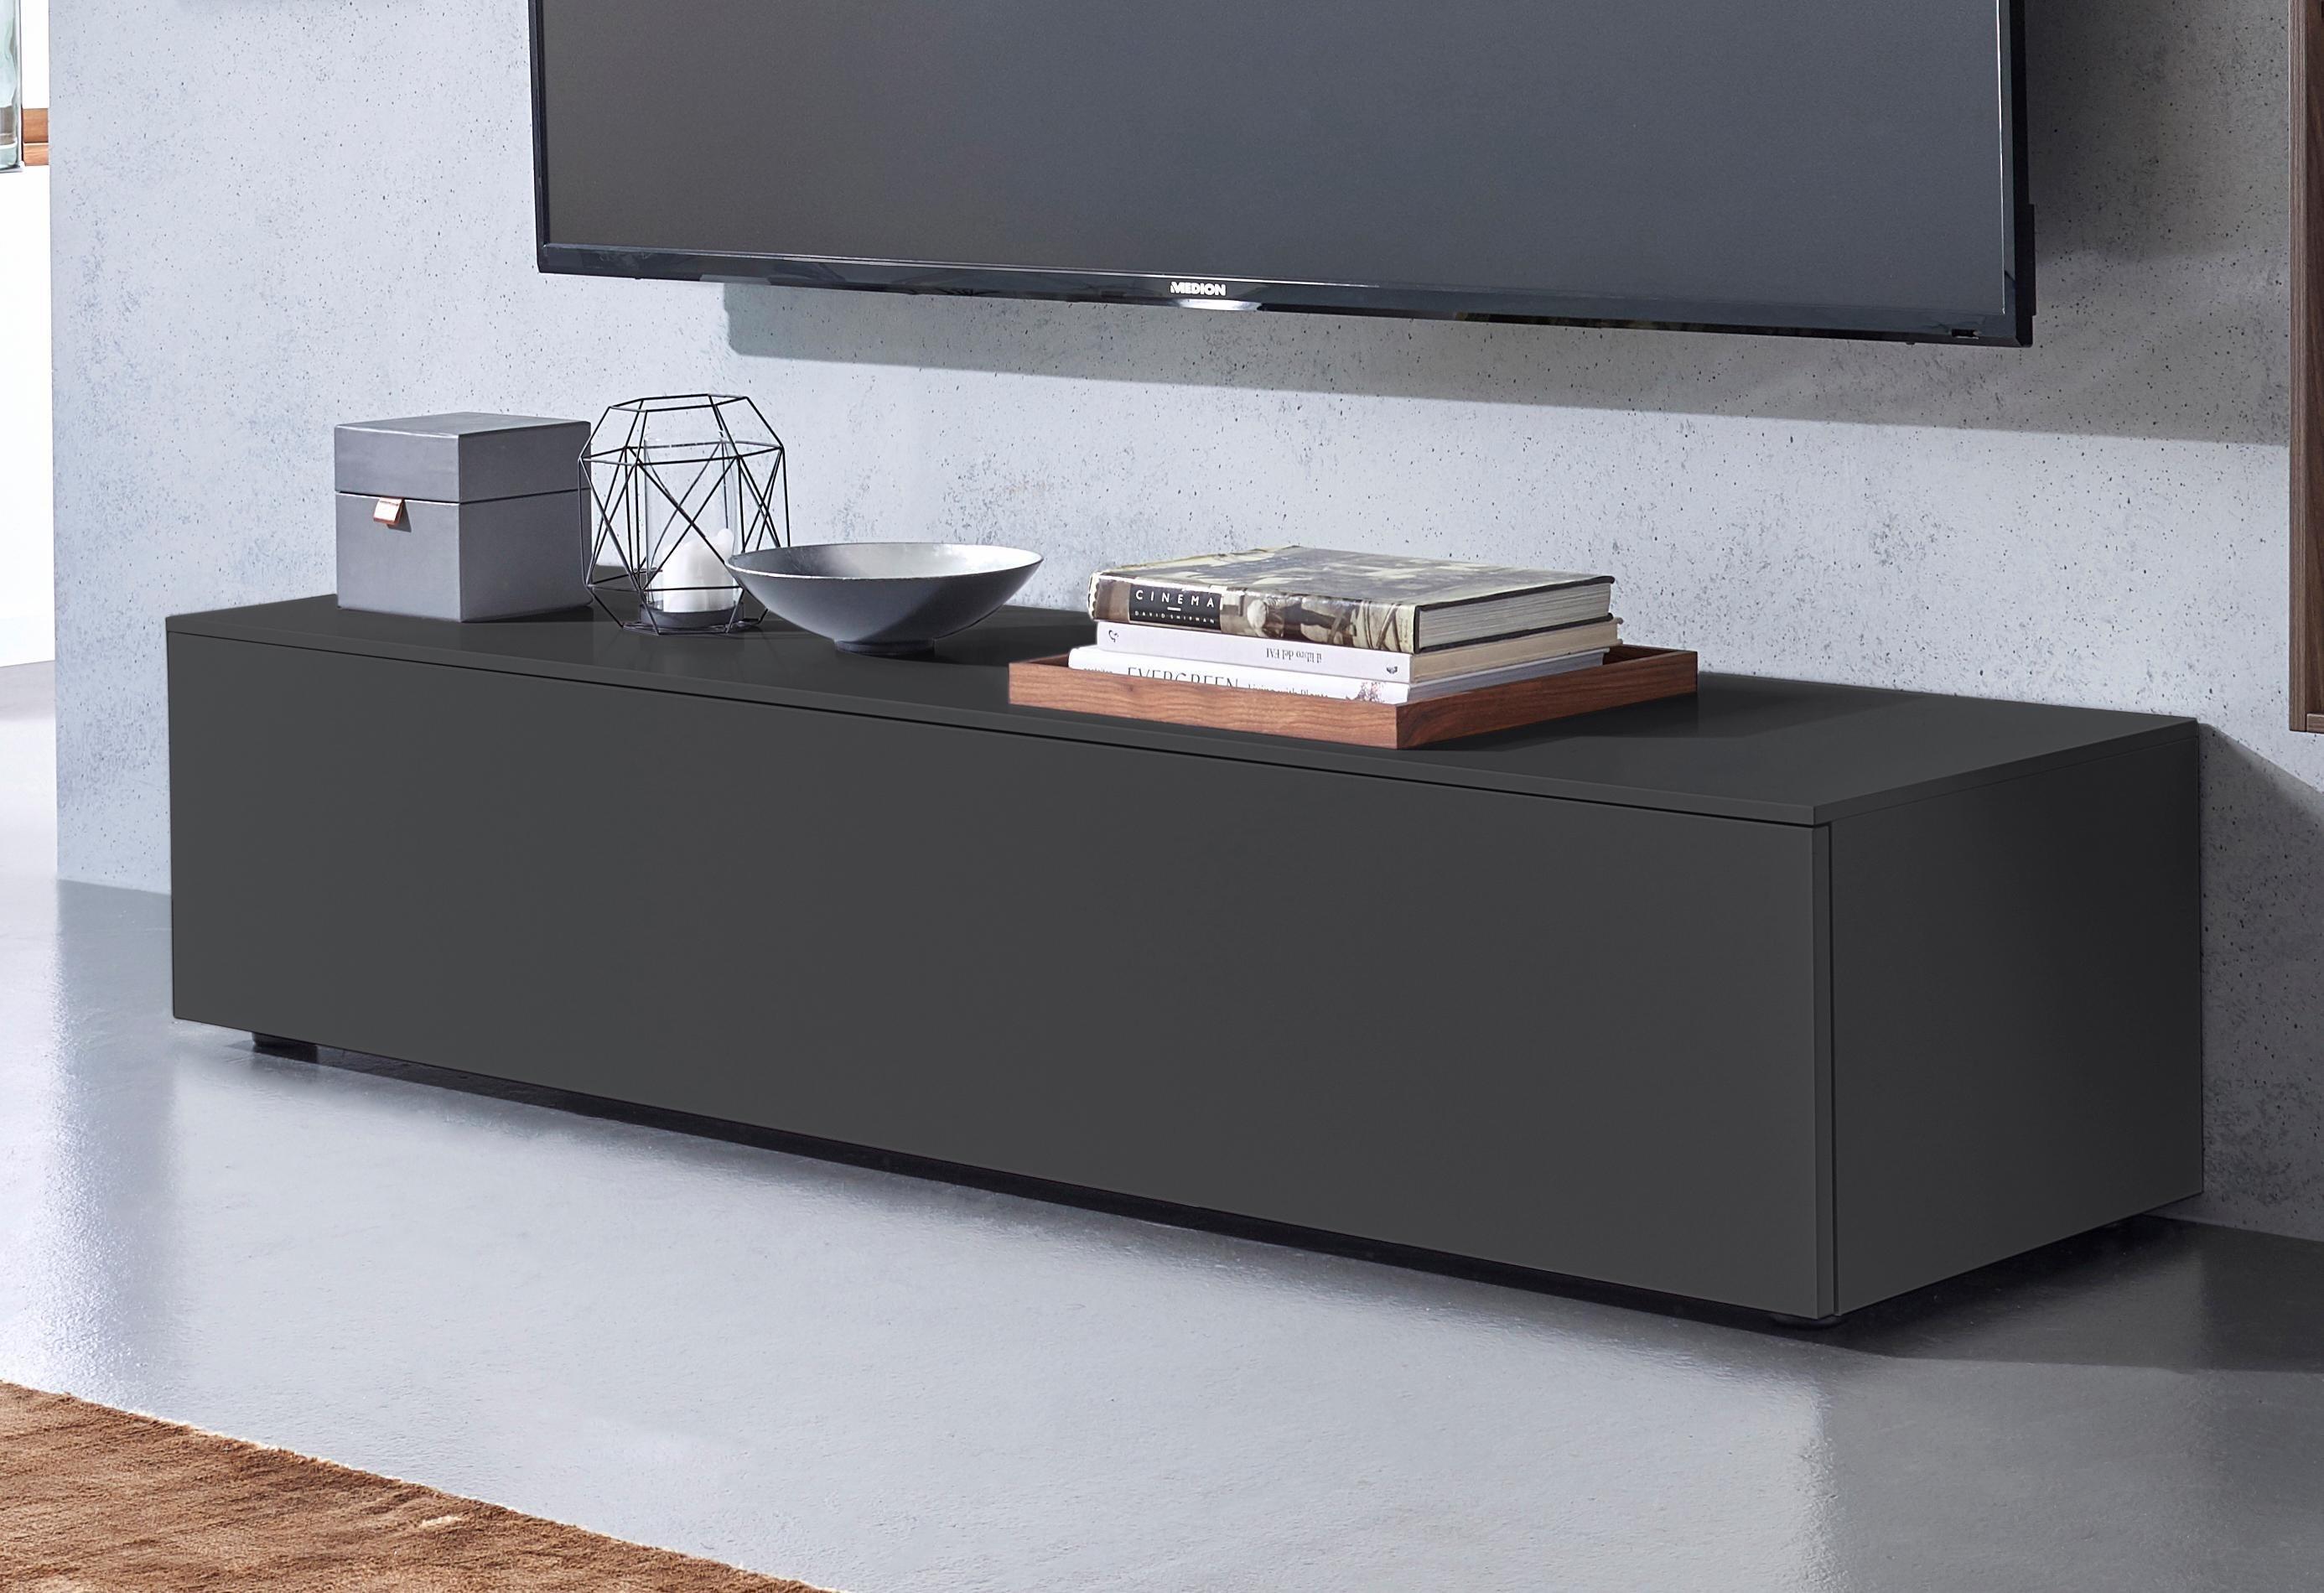 spectral lowboard select wahlweise mit tv halterung breite 160 cm schwarz online kaufen bei. Black Bedroom Furniture Sets. Home Design Ideas